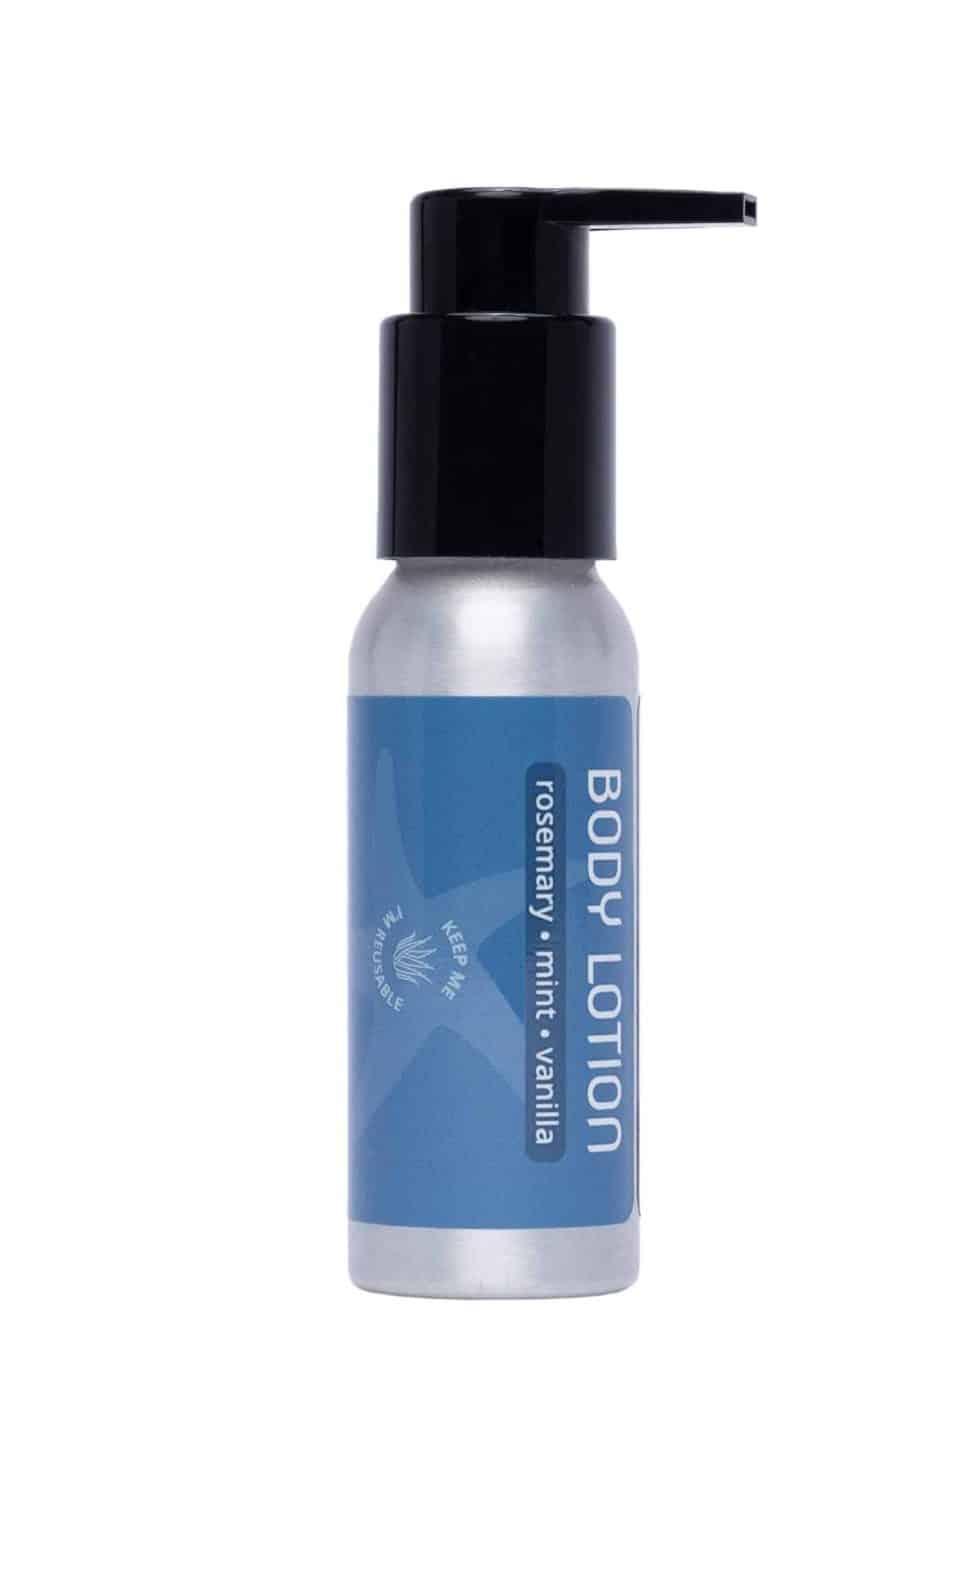 body-lotion-travel-rosemary-mint-vanilla-pump